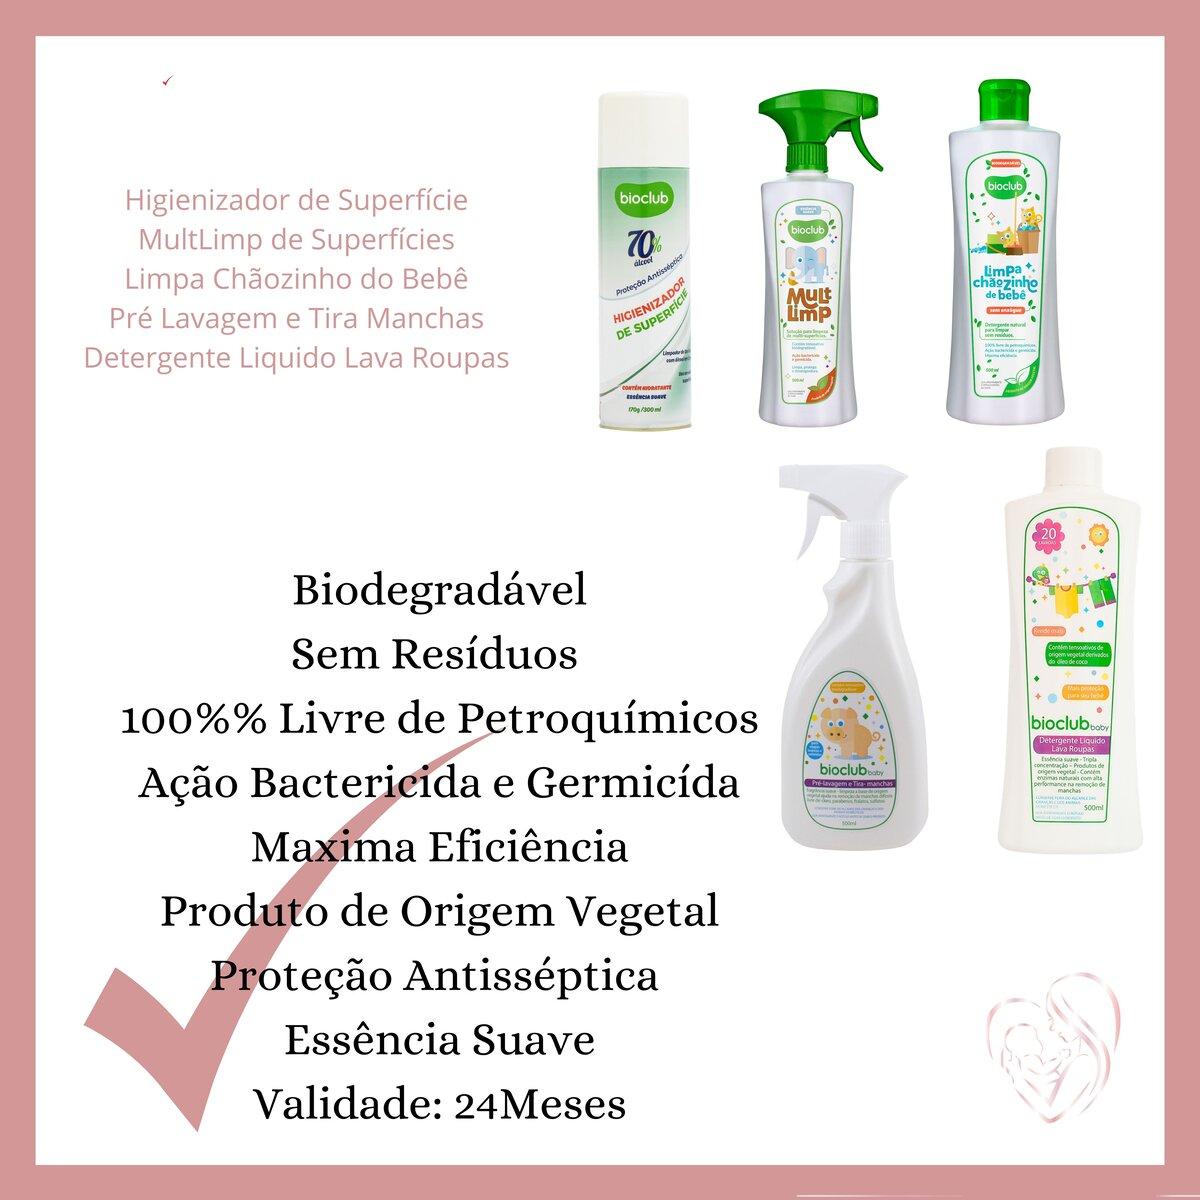 Higienizador de Roupas e Superfícies Aerosol BioClub 300 ml